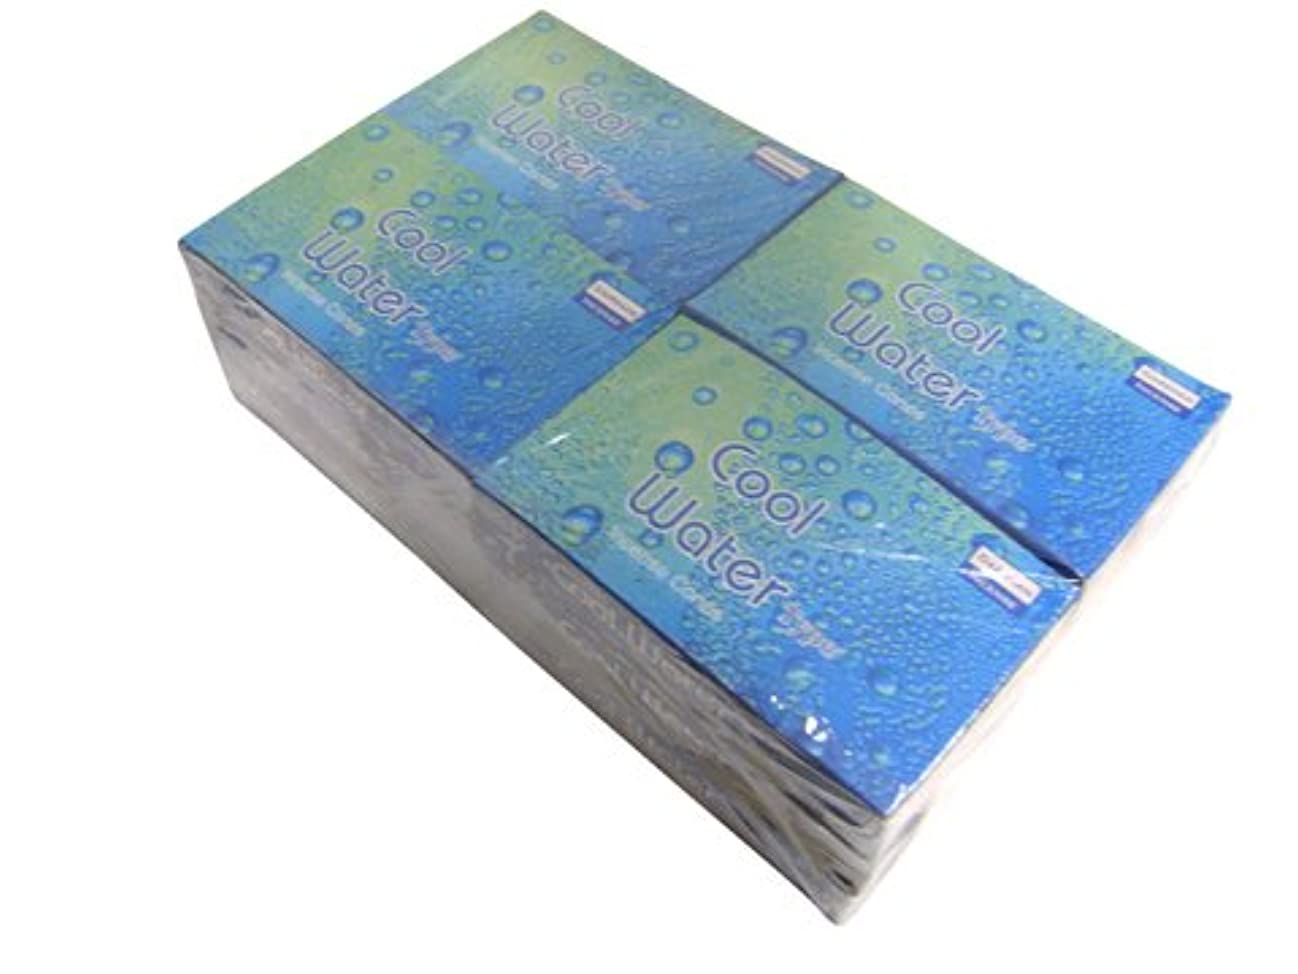 迷路放送犯罪DARSHAN(ダルシャン) クールウォーター香 コーンタイプ COOL WATER CORN 12箱セット